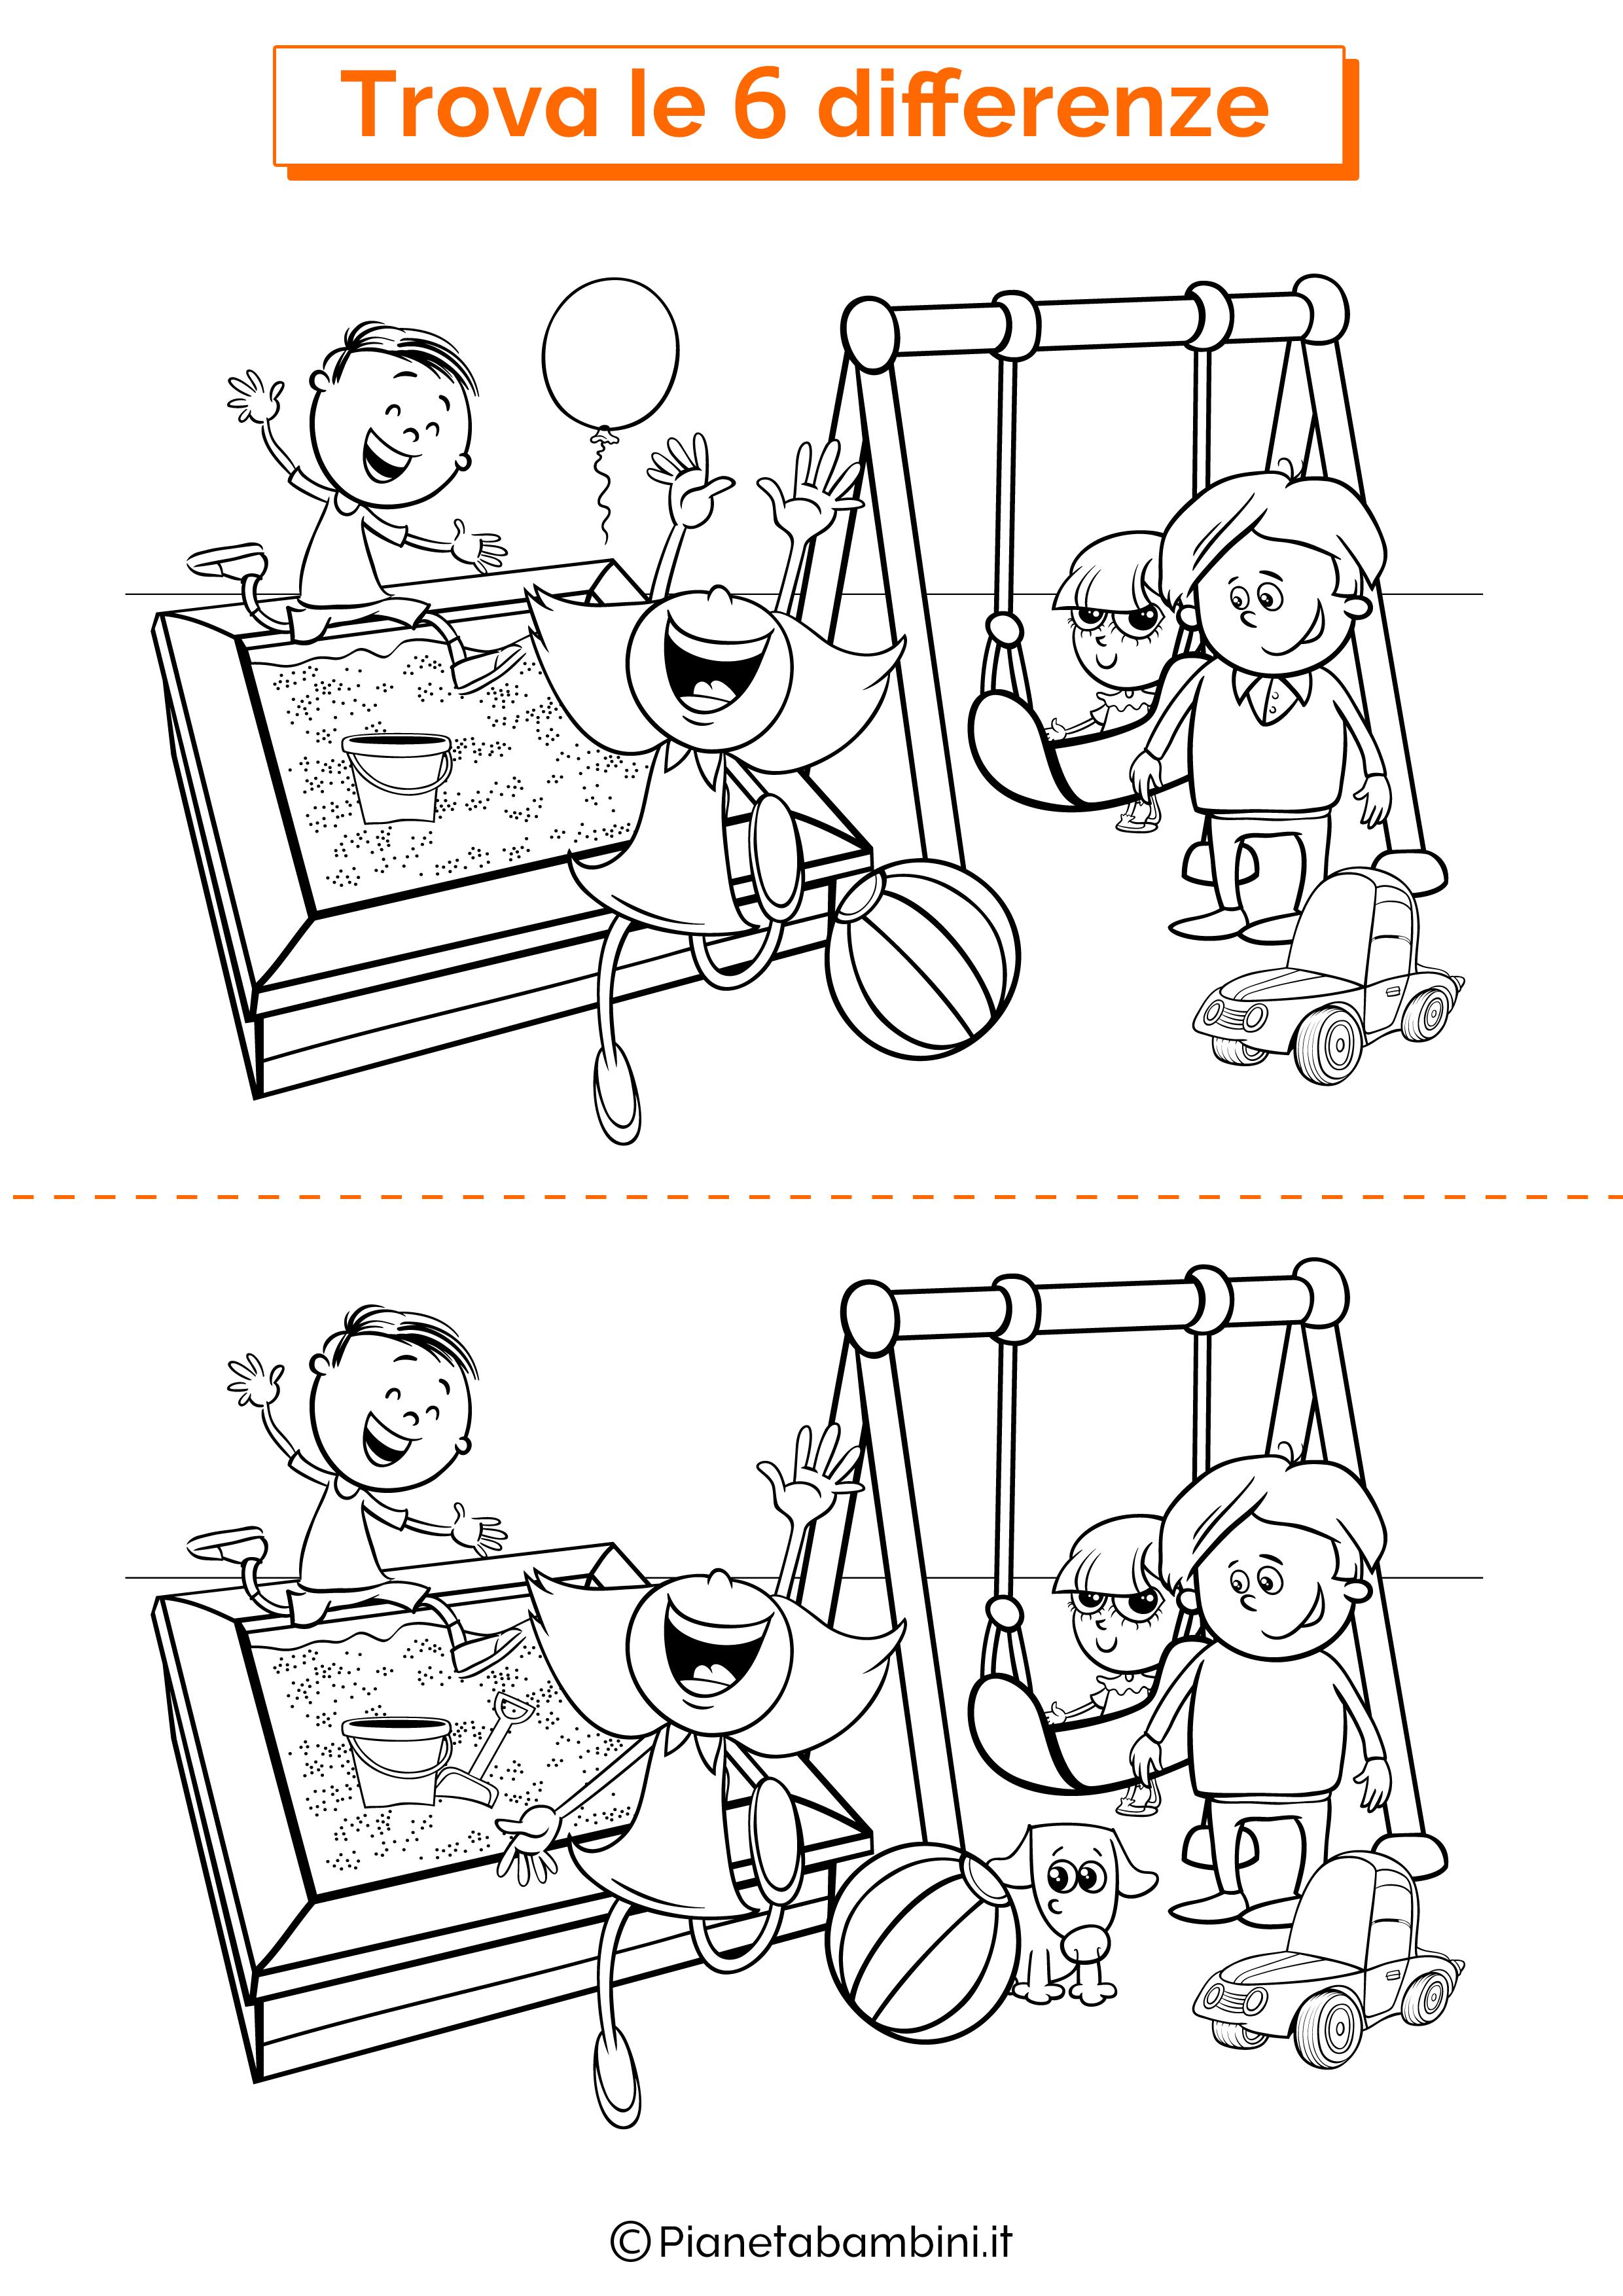 Disegno trova 6 differenze parco giochi